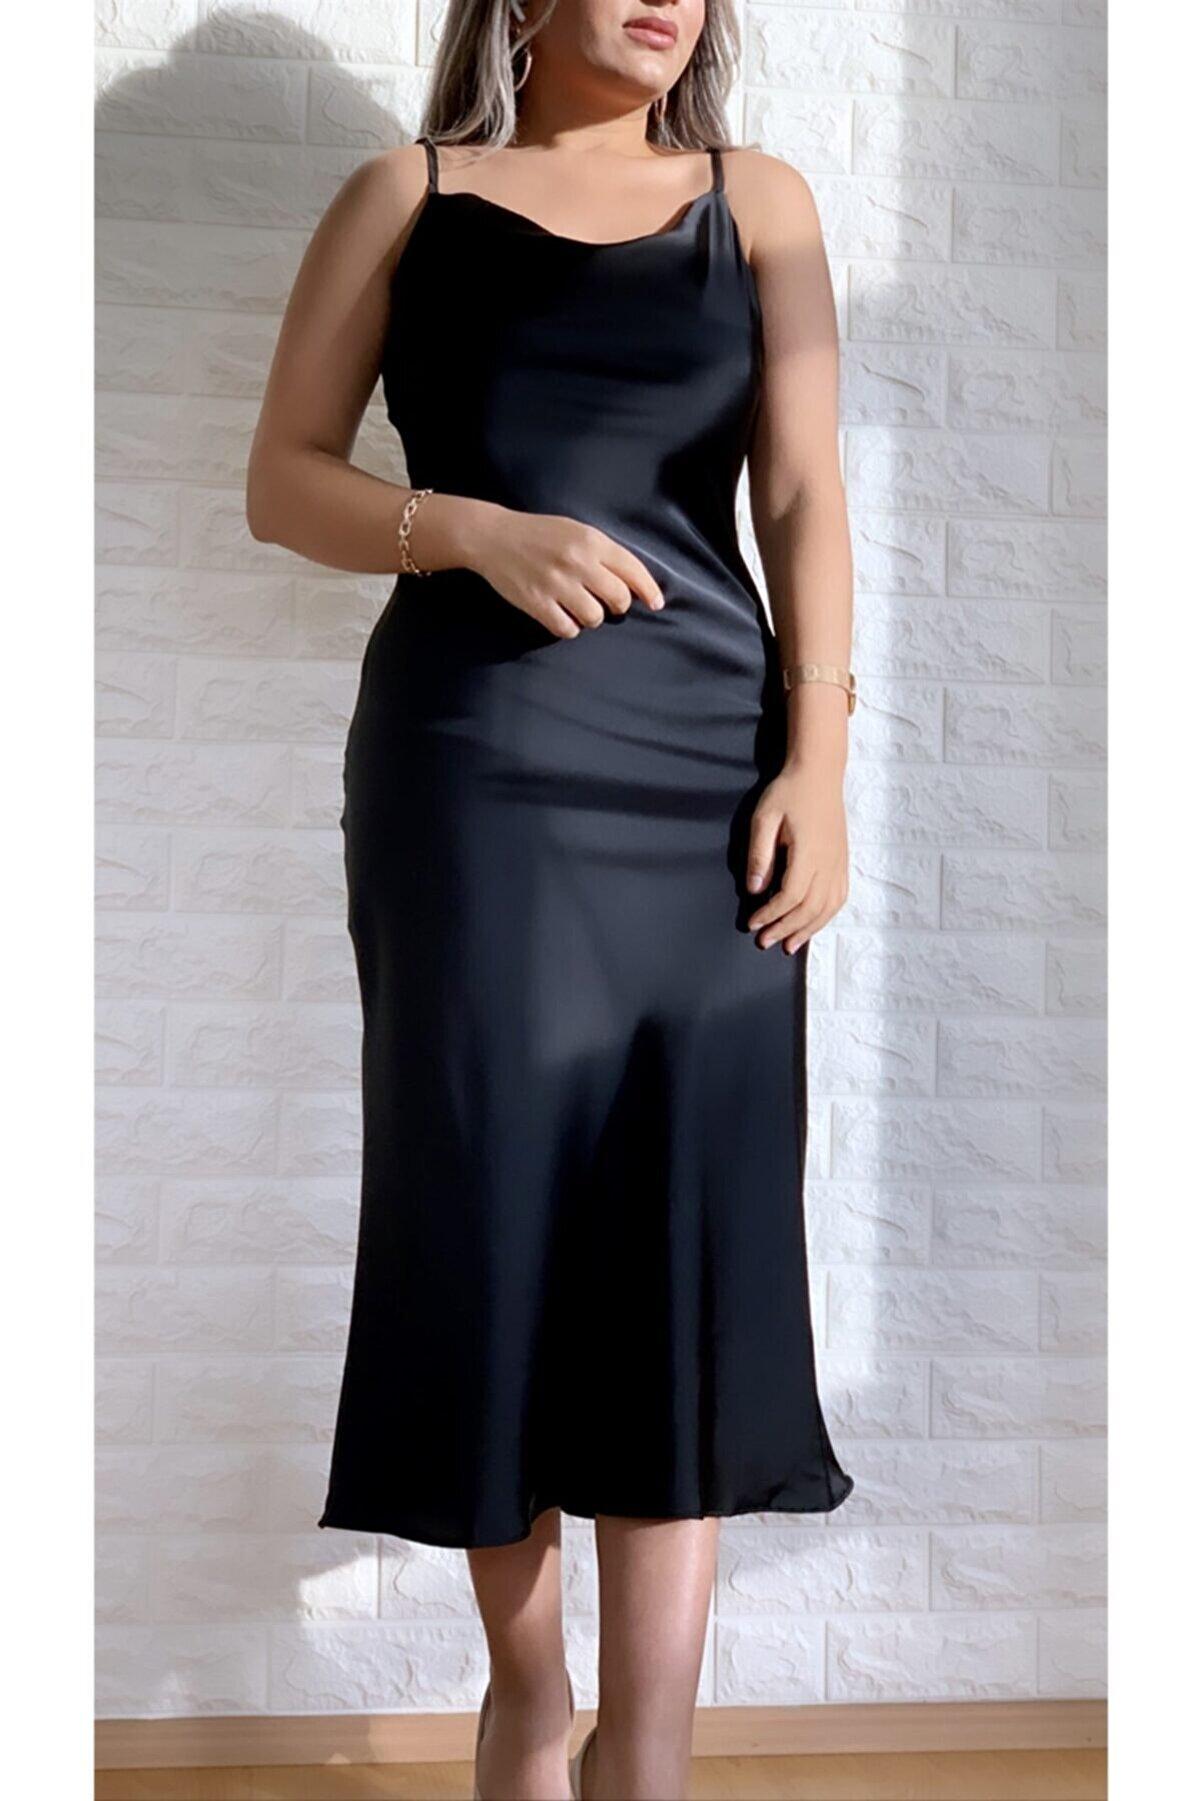 SEDA FİDAN Kadın Siyah Ayarlanabilir Askılı Saten Elbise